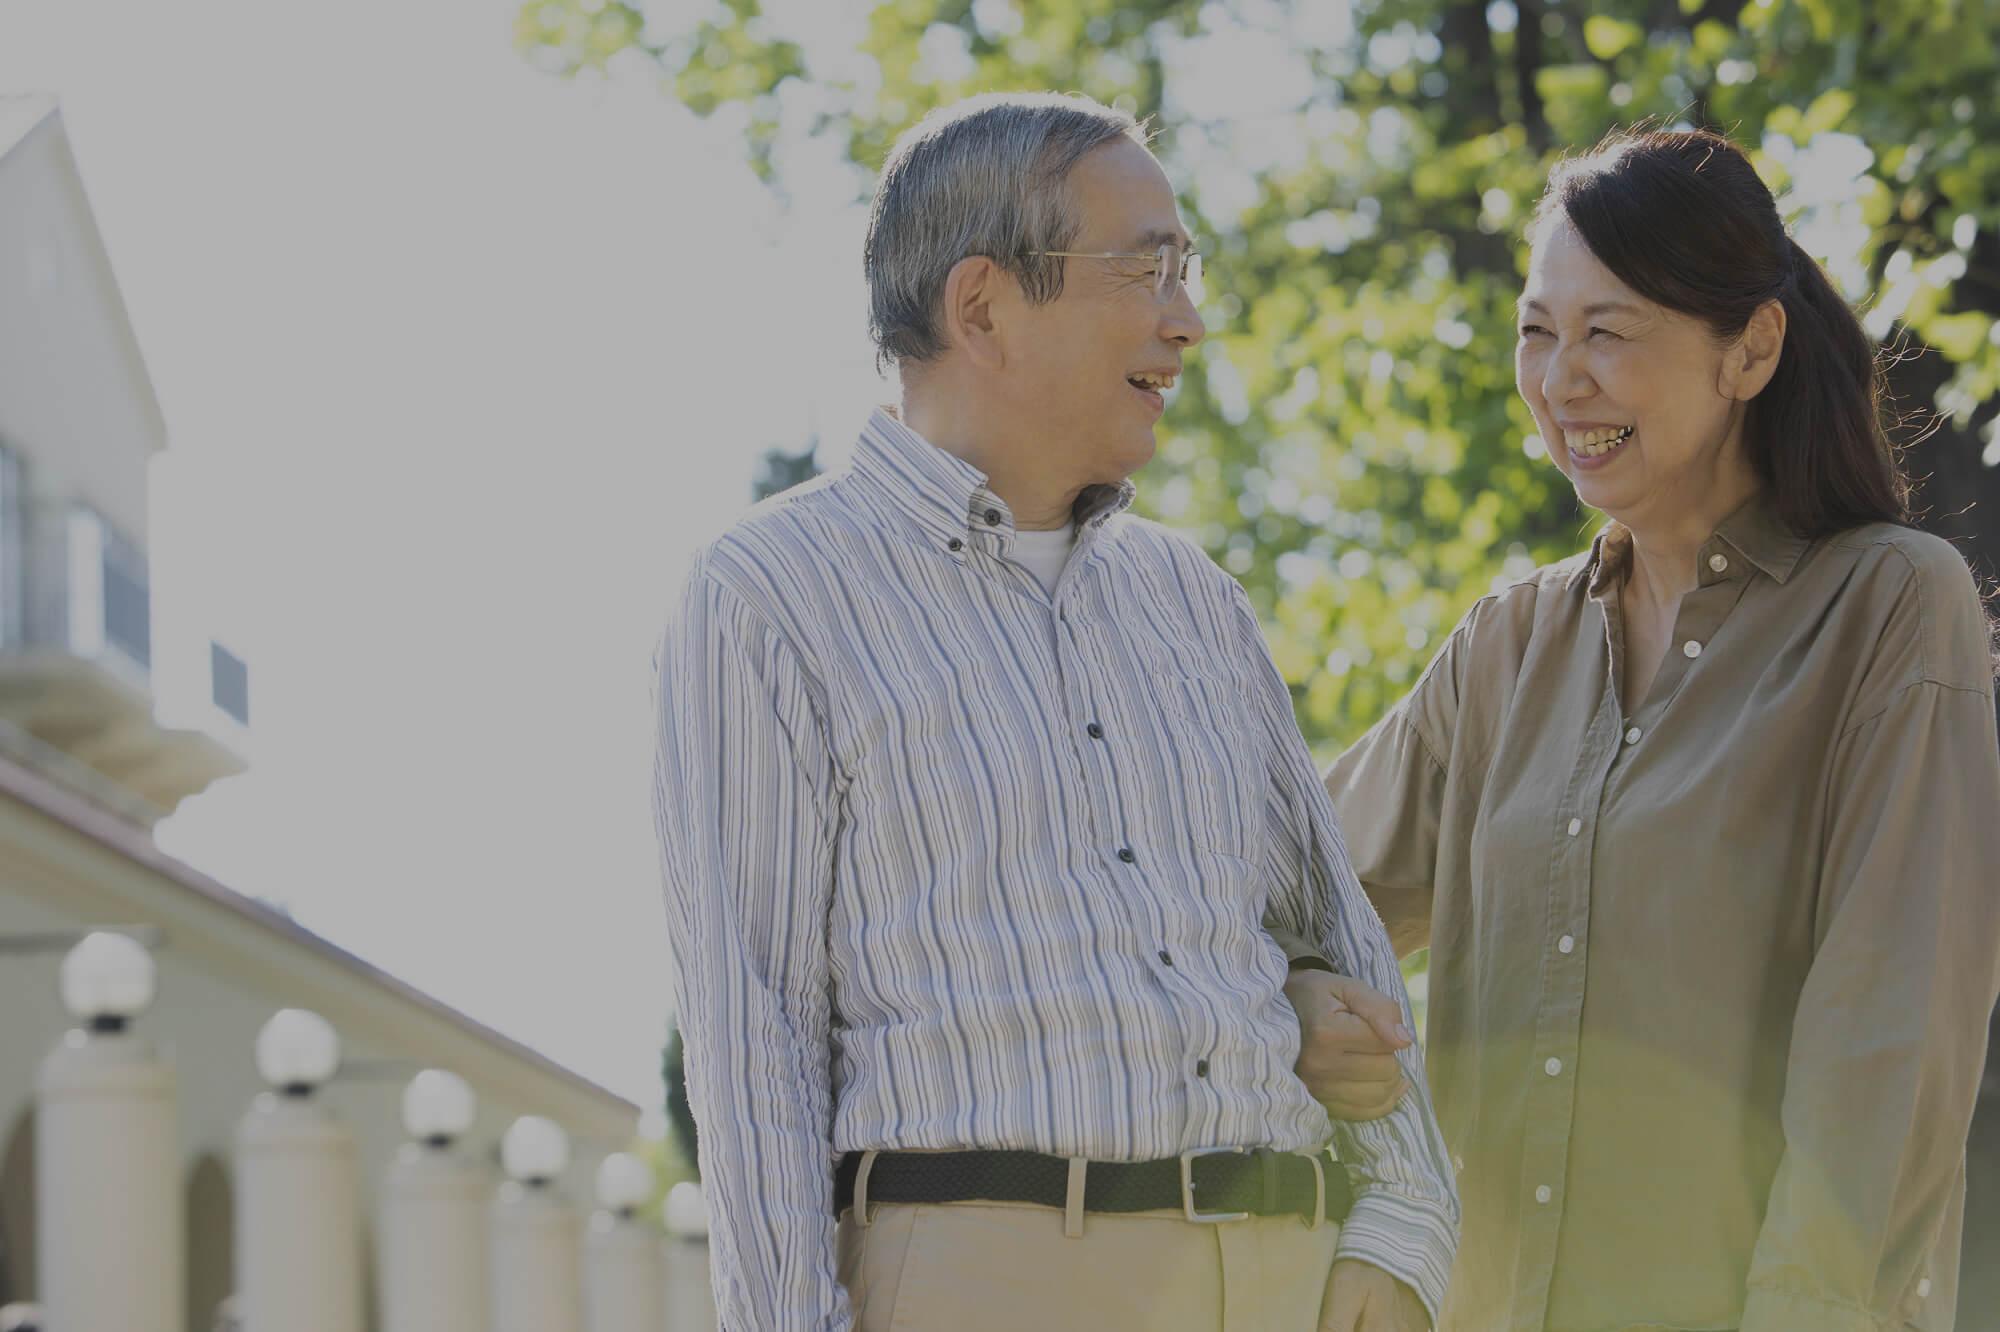 笑いあう夫婦